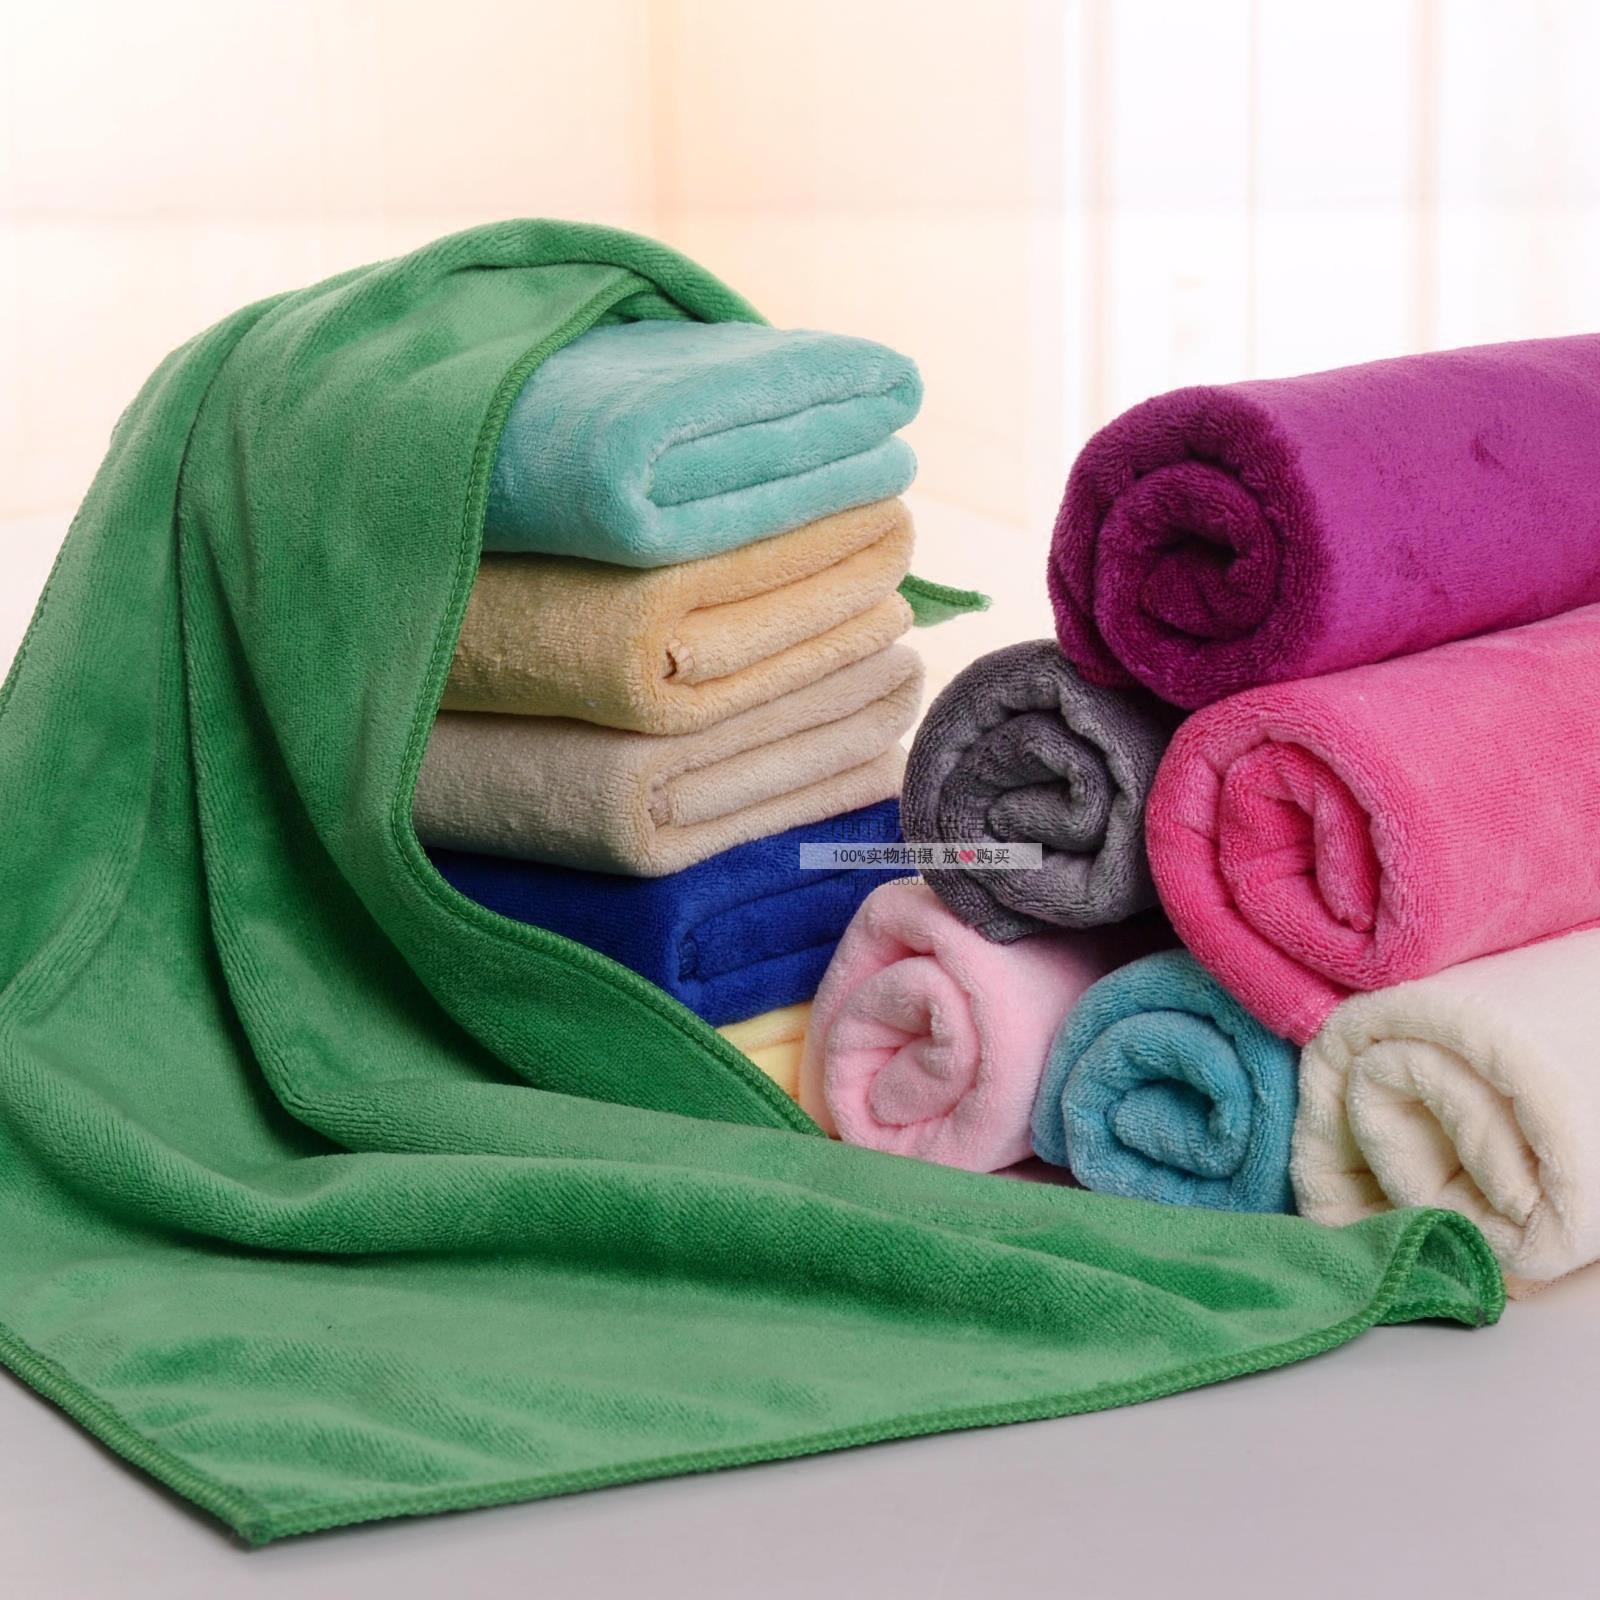 家政保洁专用毛巾批發美容院毛巾理发店吸水干发巾家用抹布定制甩